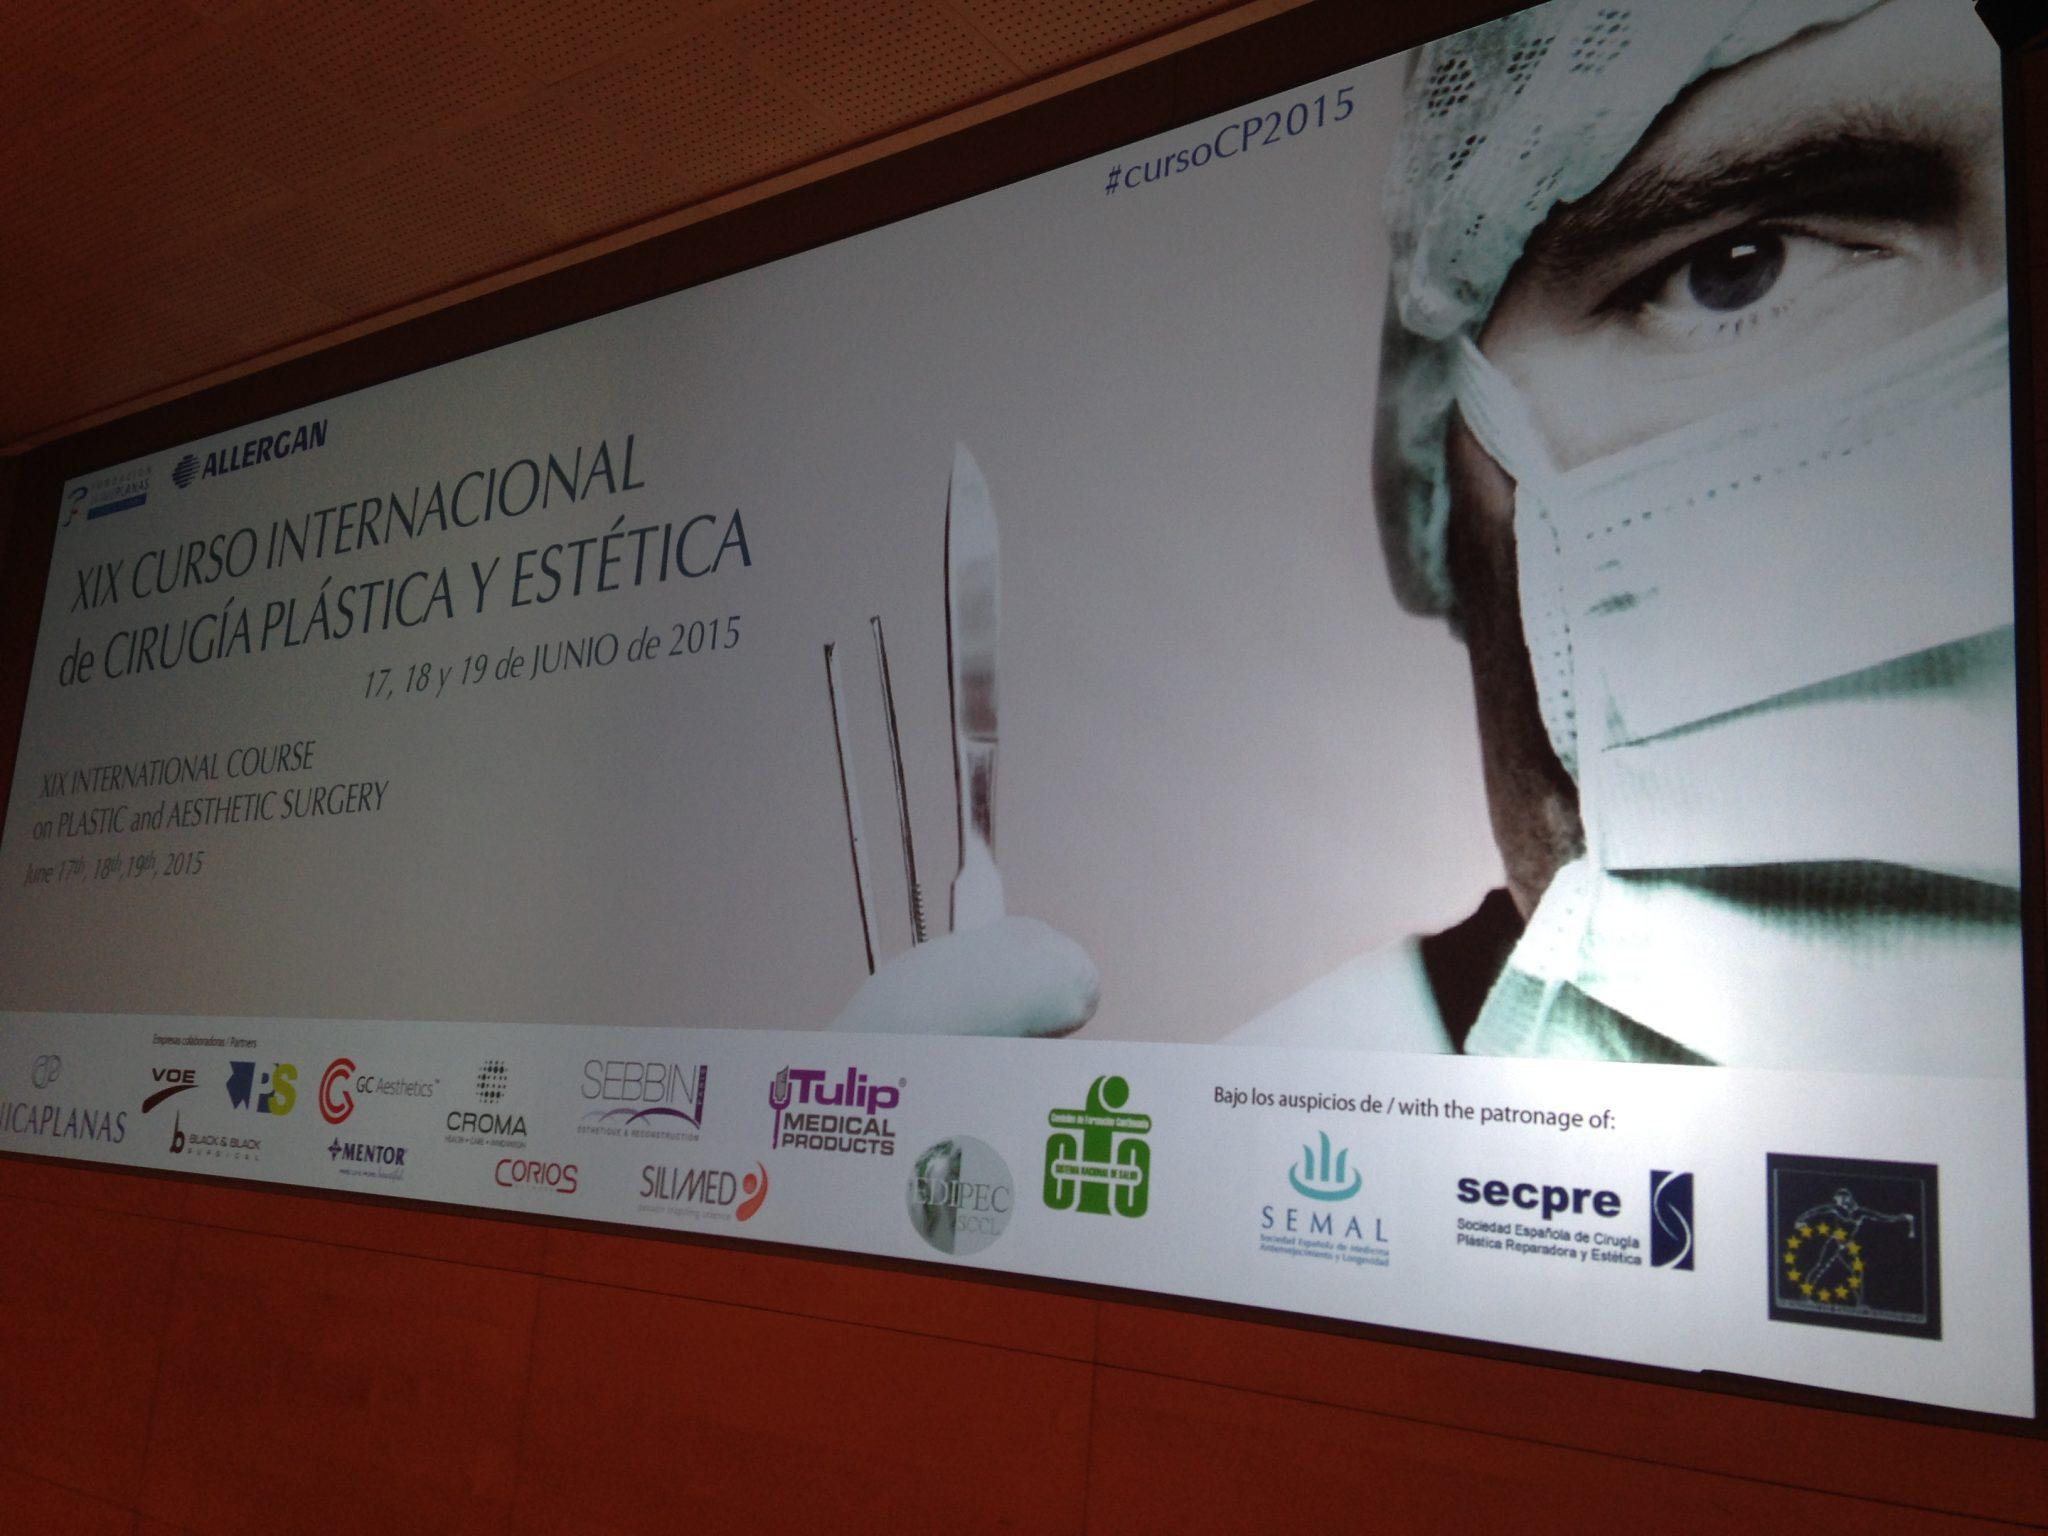 curso internacional de cirugia plástica y estética